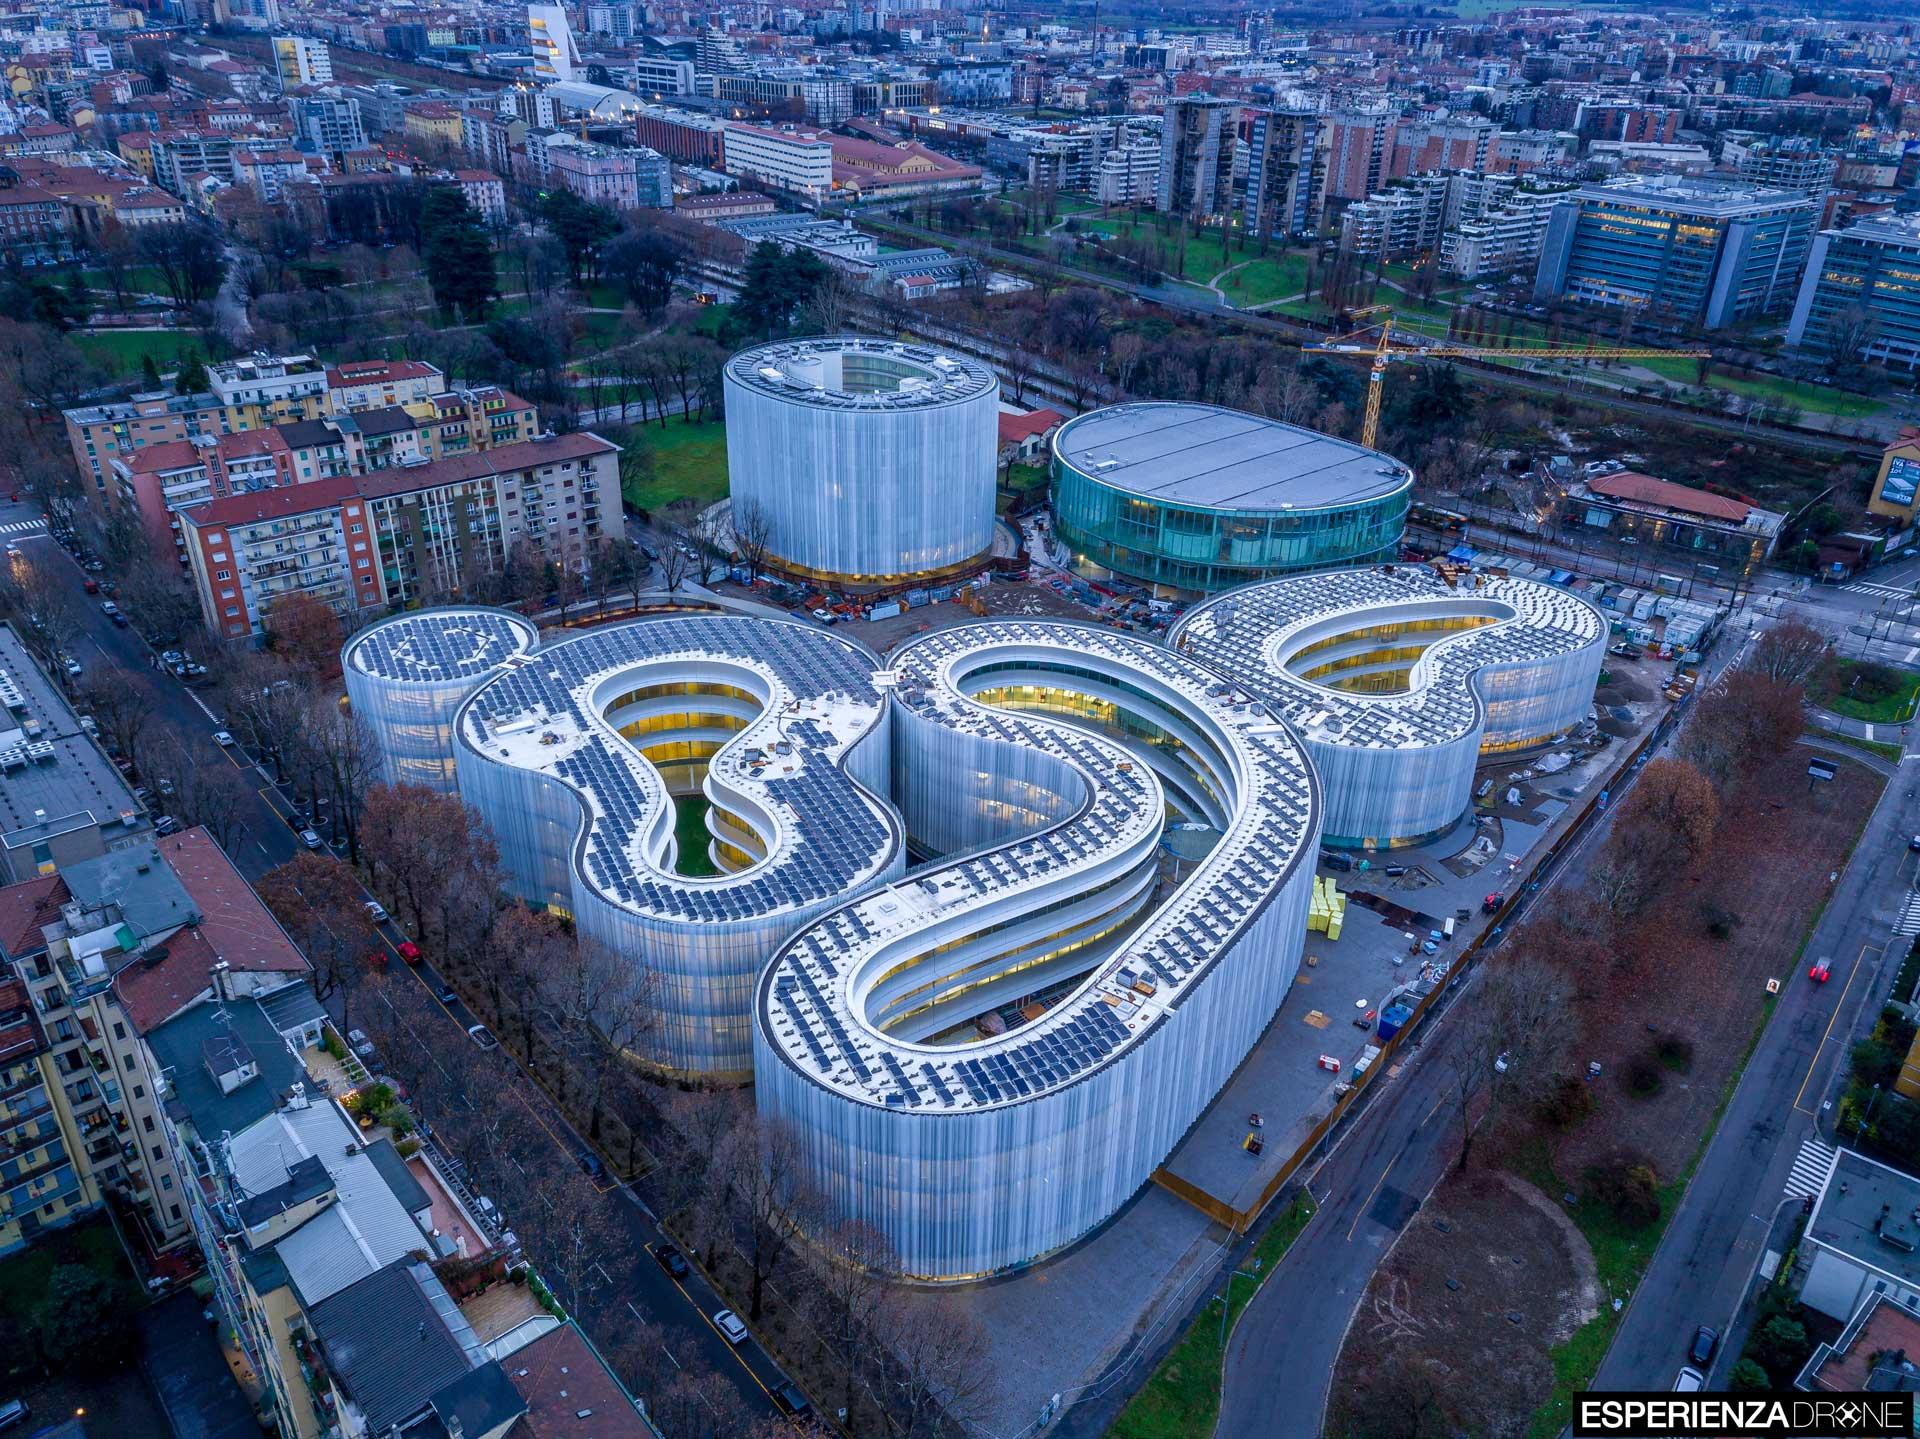 esperienza drone fotografia aerea architettura bocconi milano campus bocconi tre.jpg